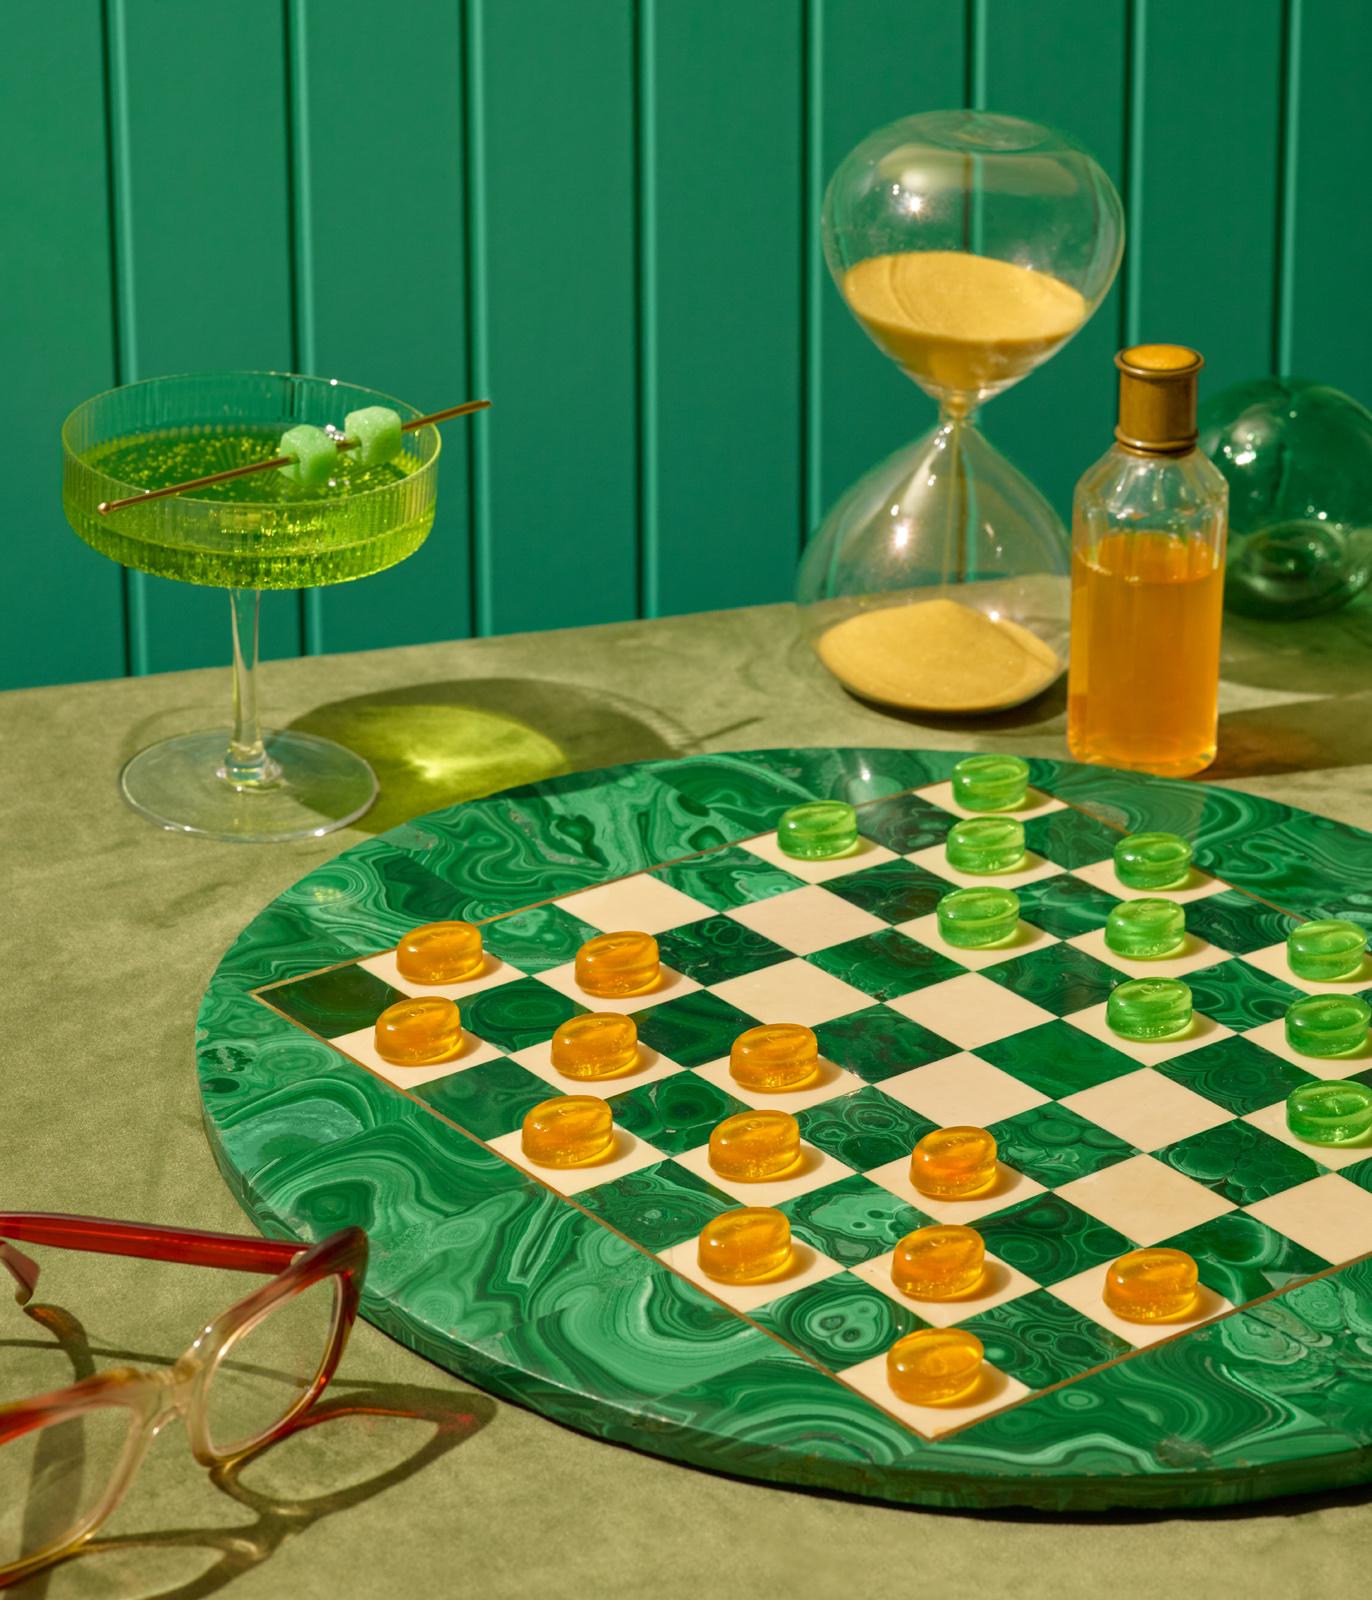 CaptureOne_Green_MM_83802_chess